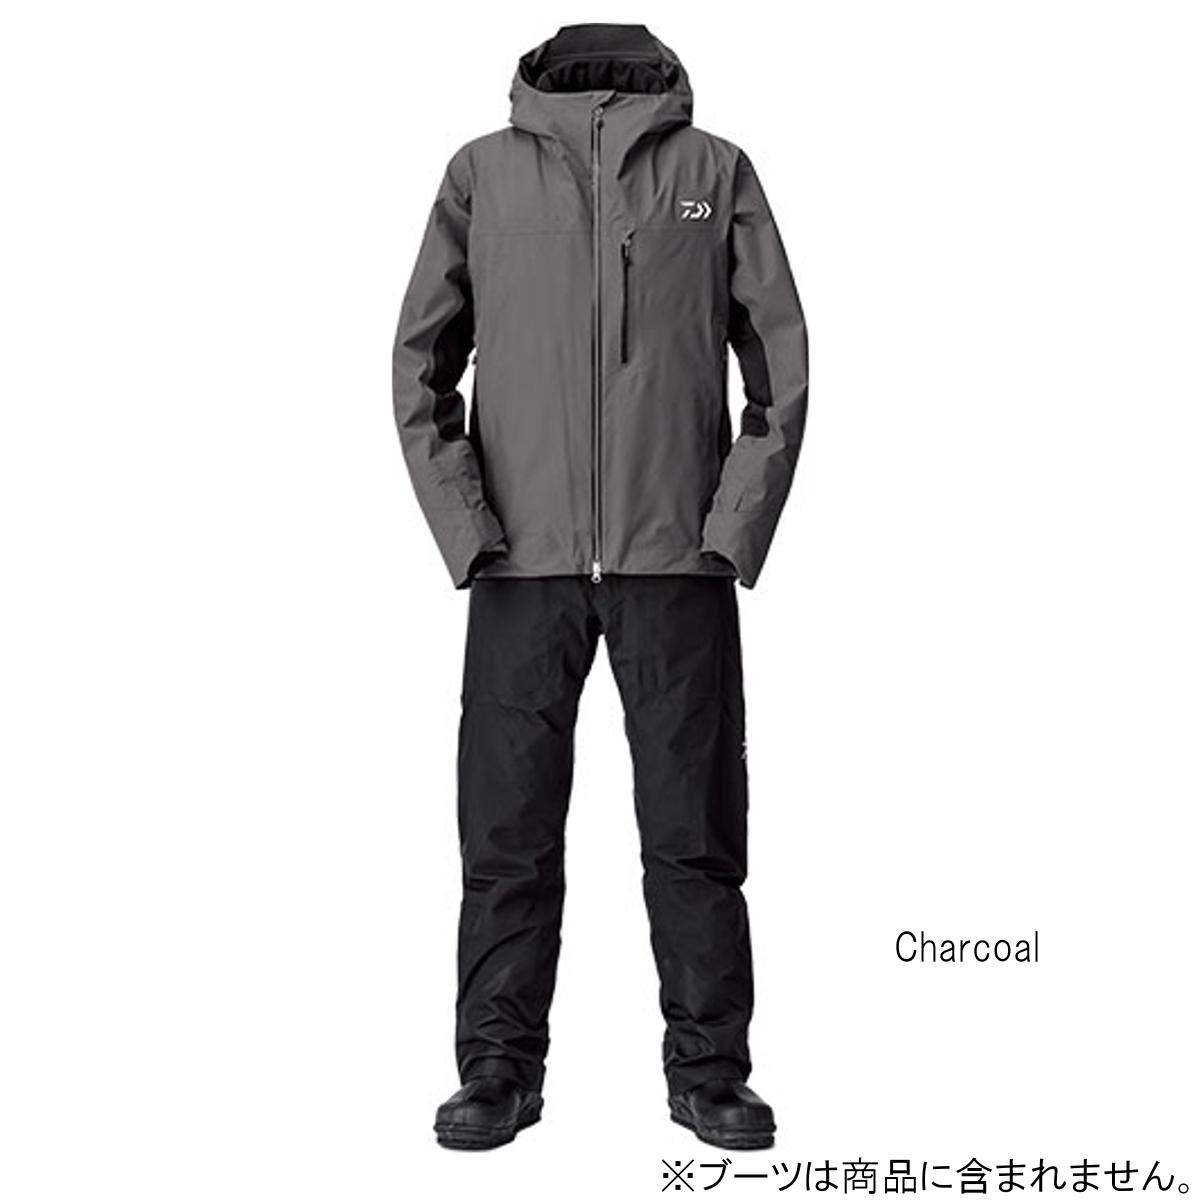 ダイワ ゴアテックス プロダクト ウィンタースーツ DW-1208 L Charcoal(東日本店)